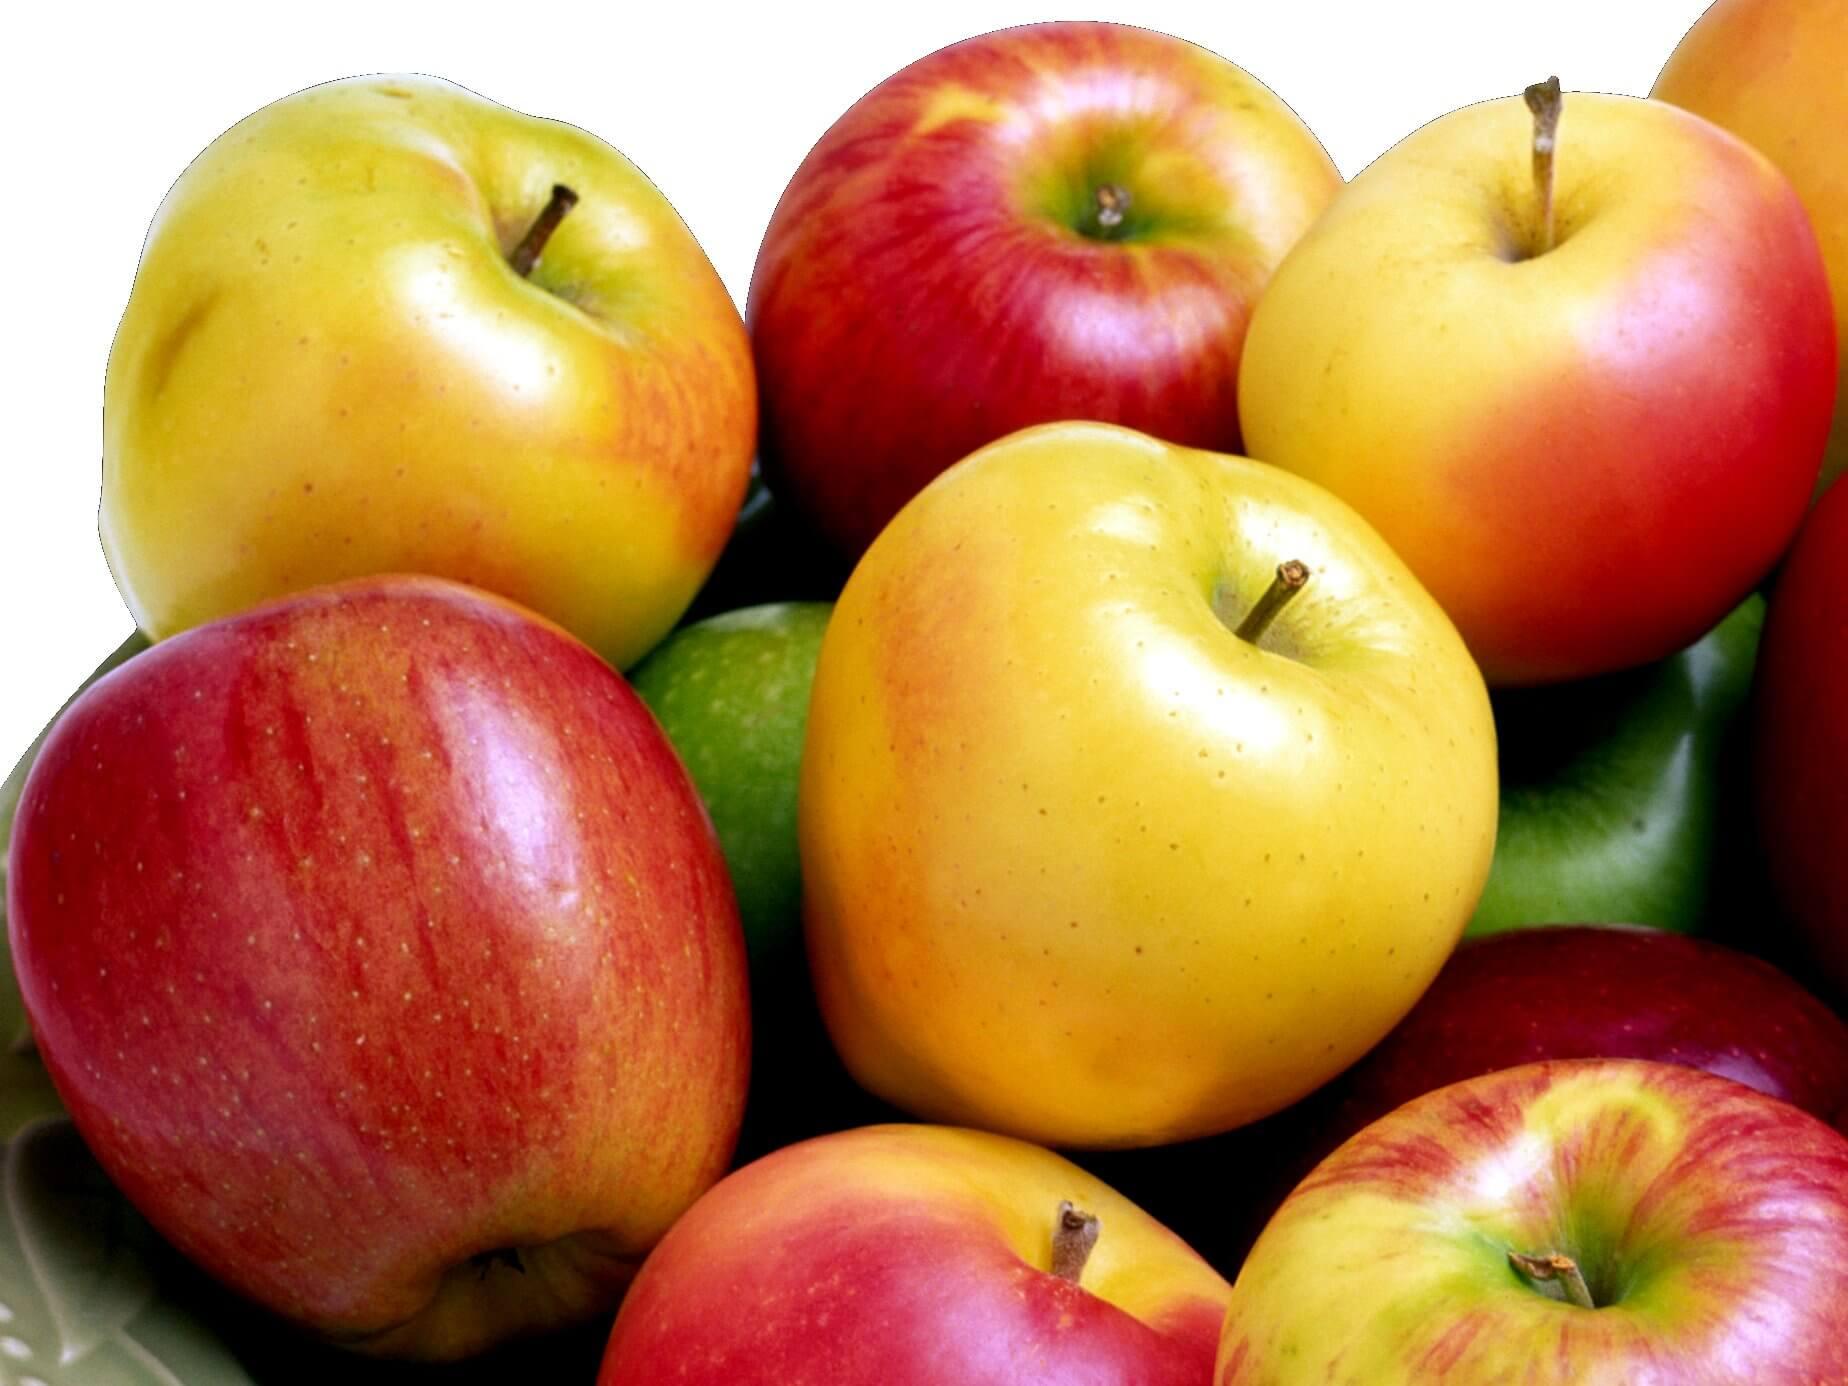 калорийность продуктов для похудения калькулятор онлайн